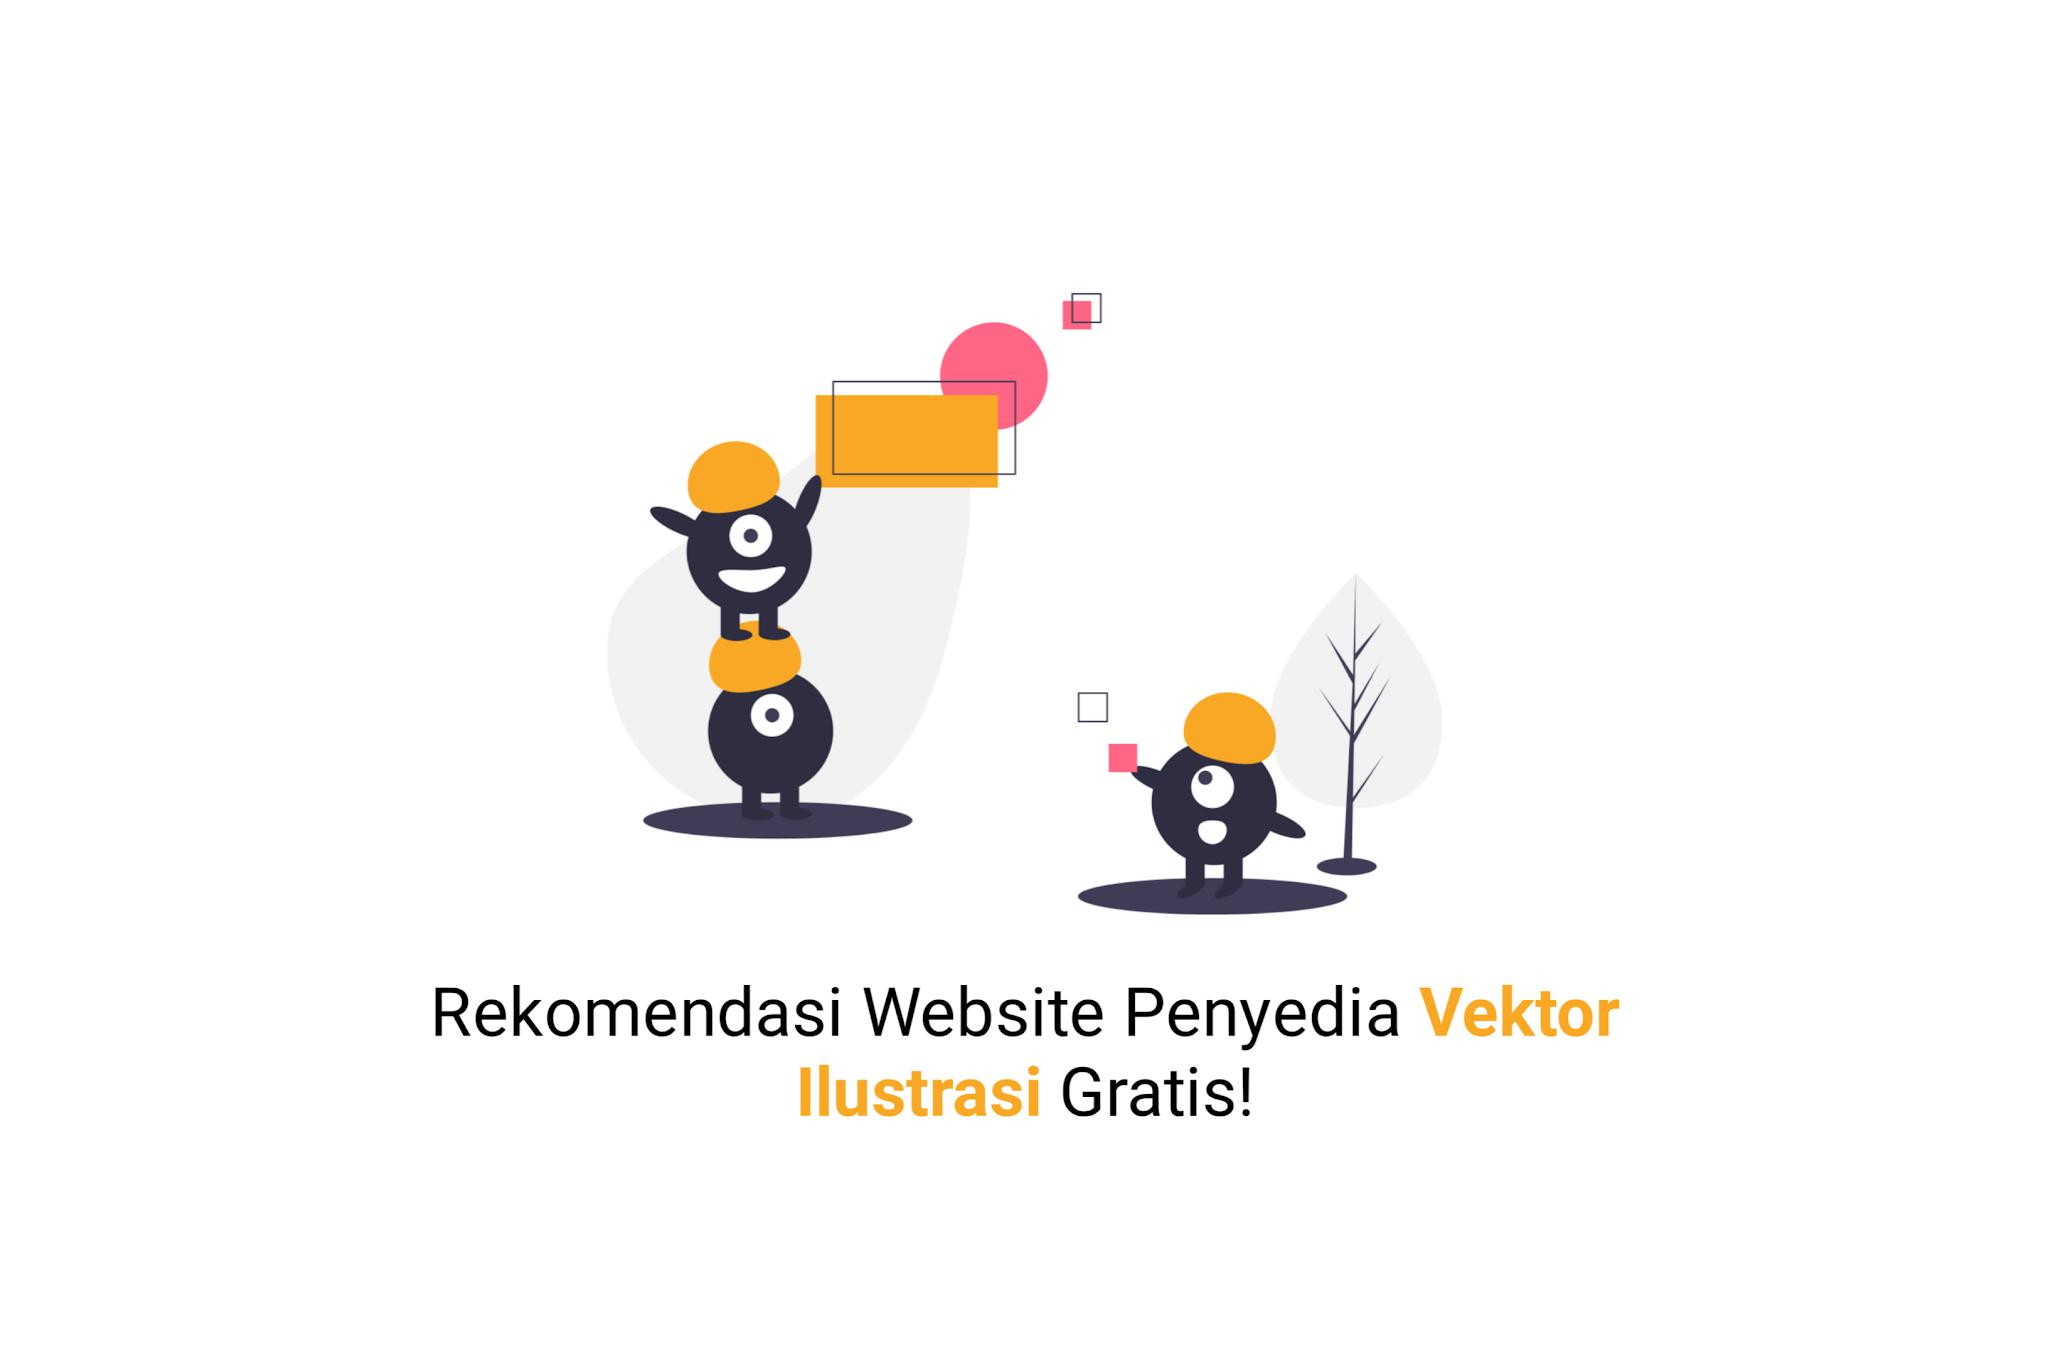 Rekomendasi Website Tempat Vektor Ilustrasi Gratis